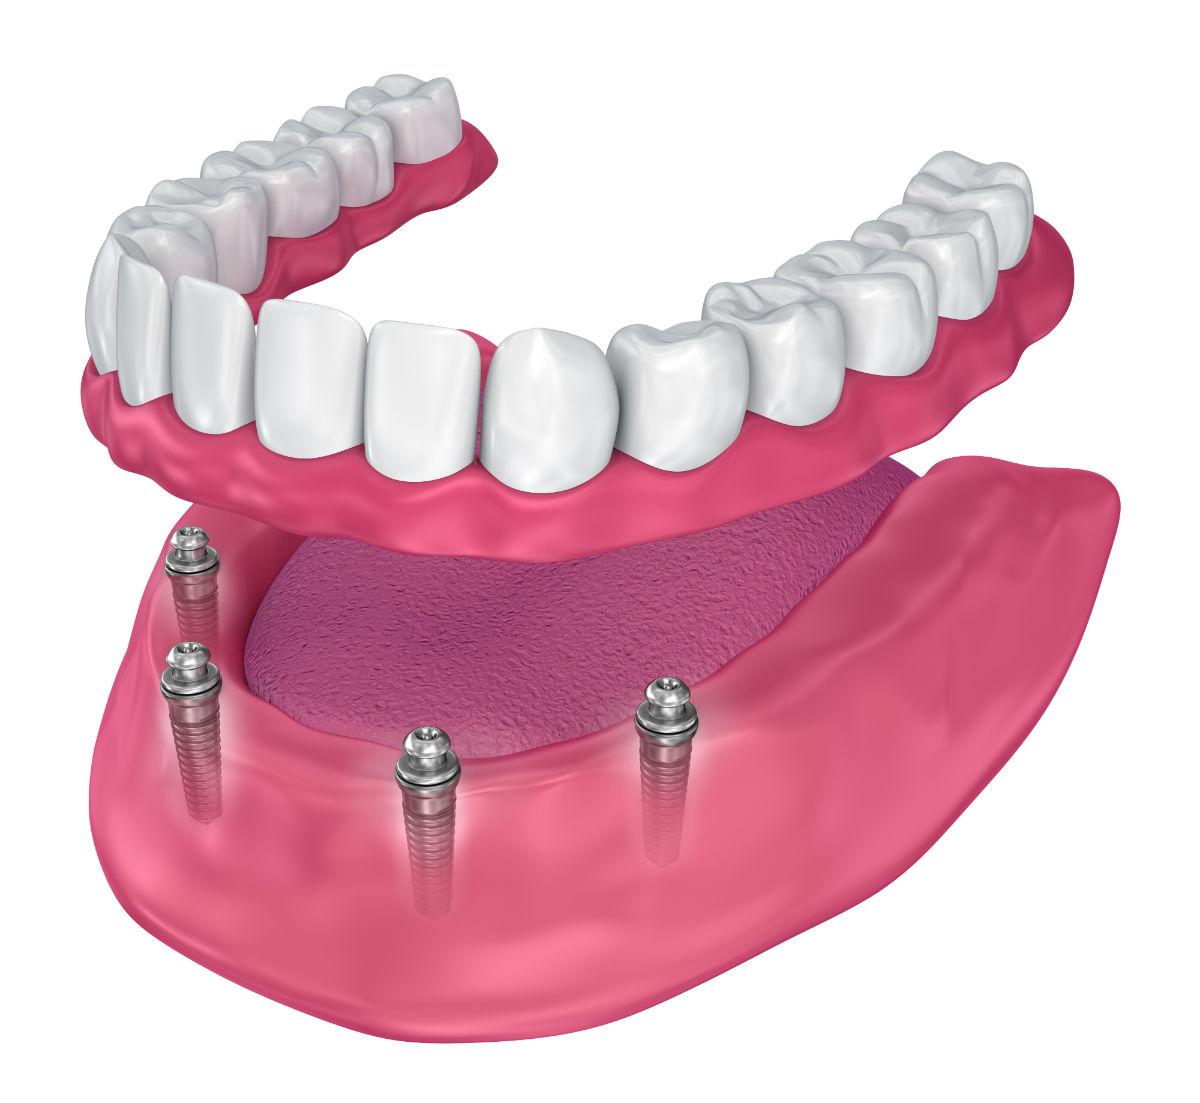 Dentures or Dental Implants